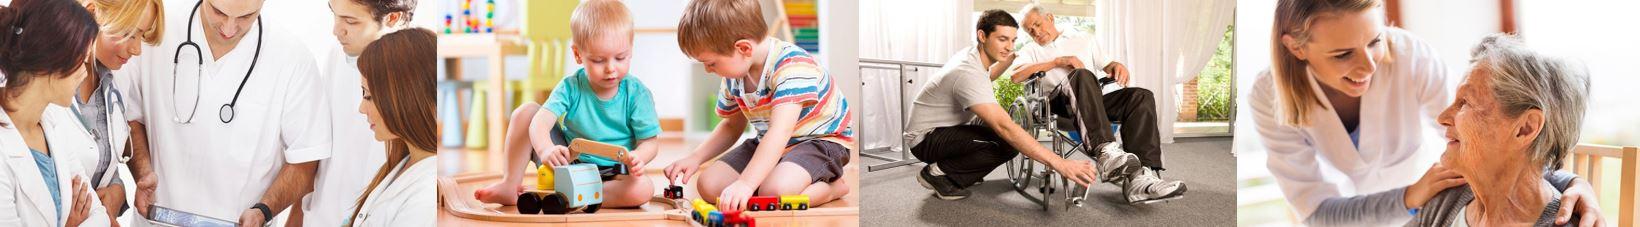 Parcours & Sens-Photos bandeau des 4 secteurs - Sanitaire-Personnes-âgées-Petite enfance-Handicap